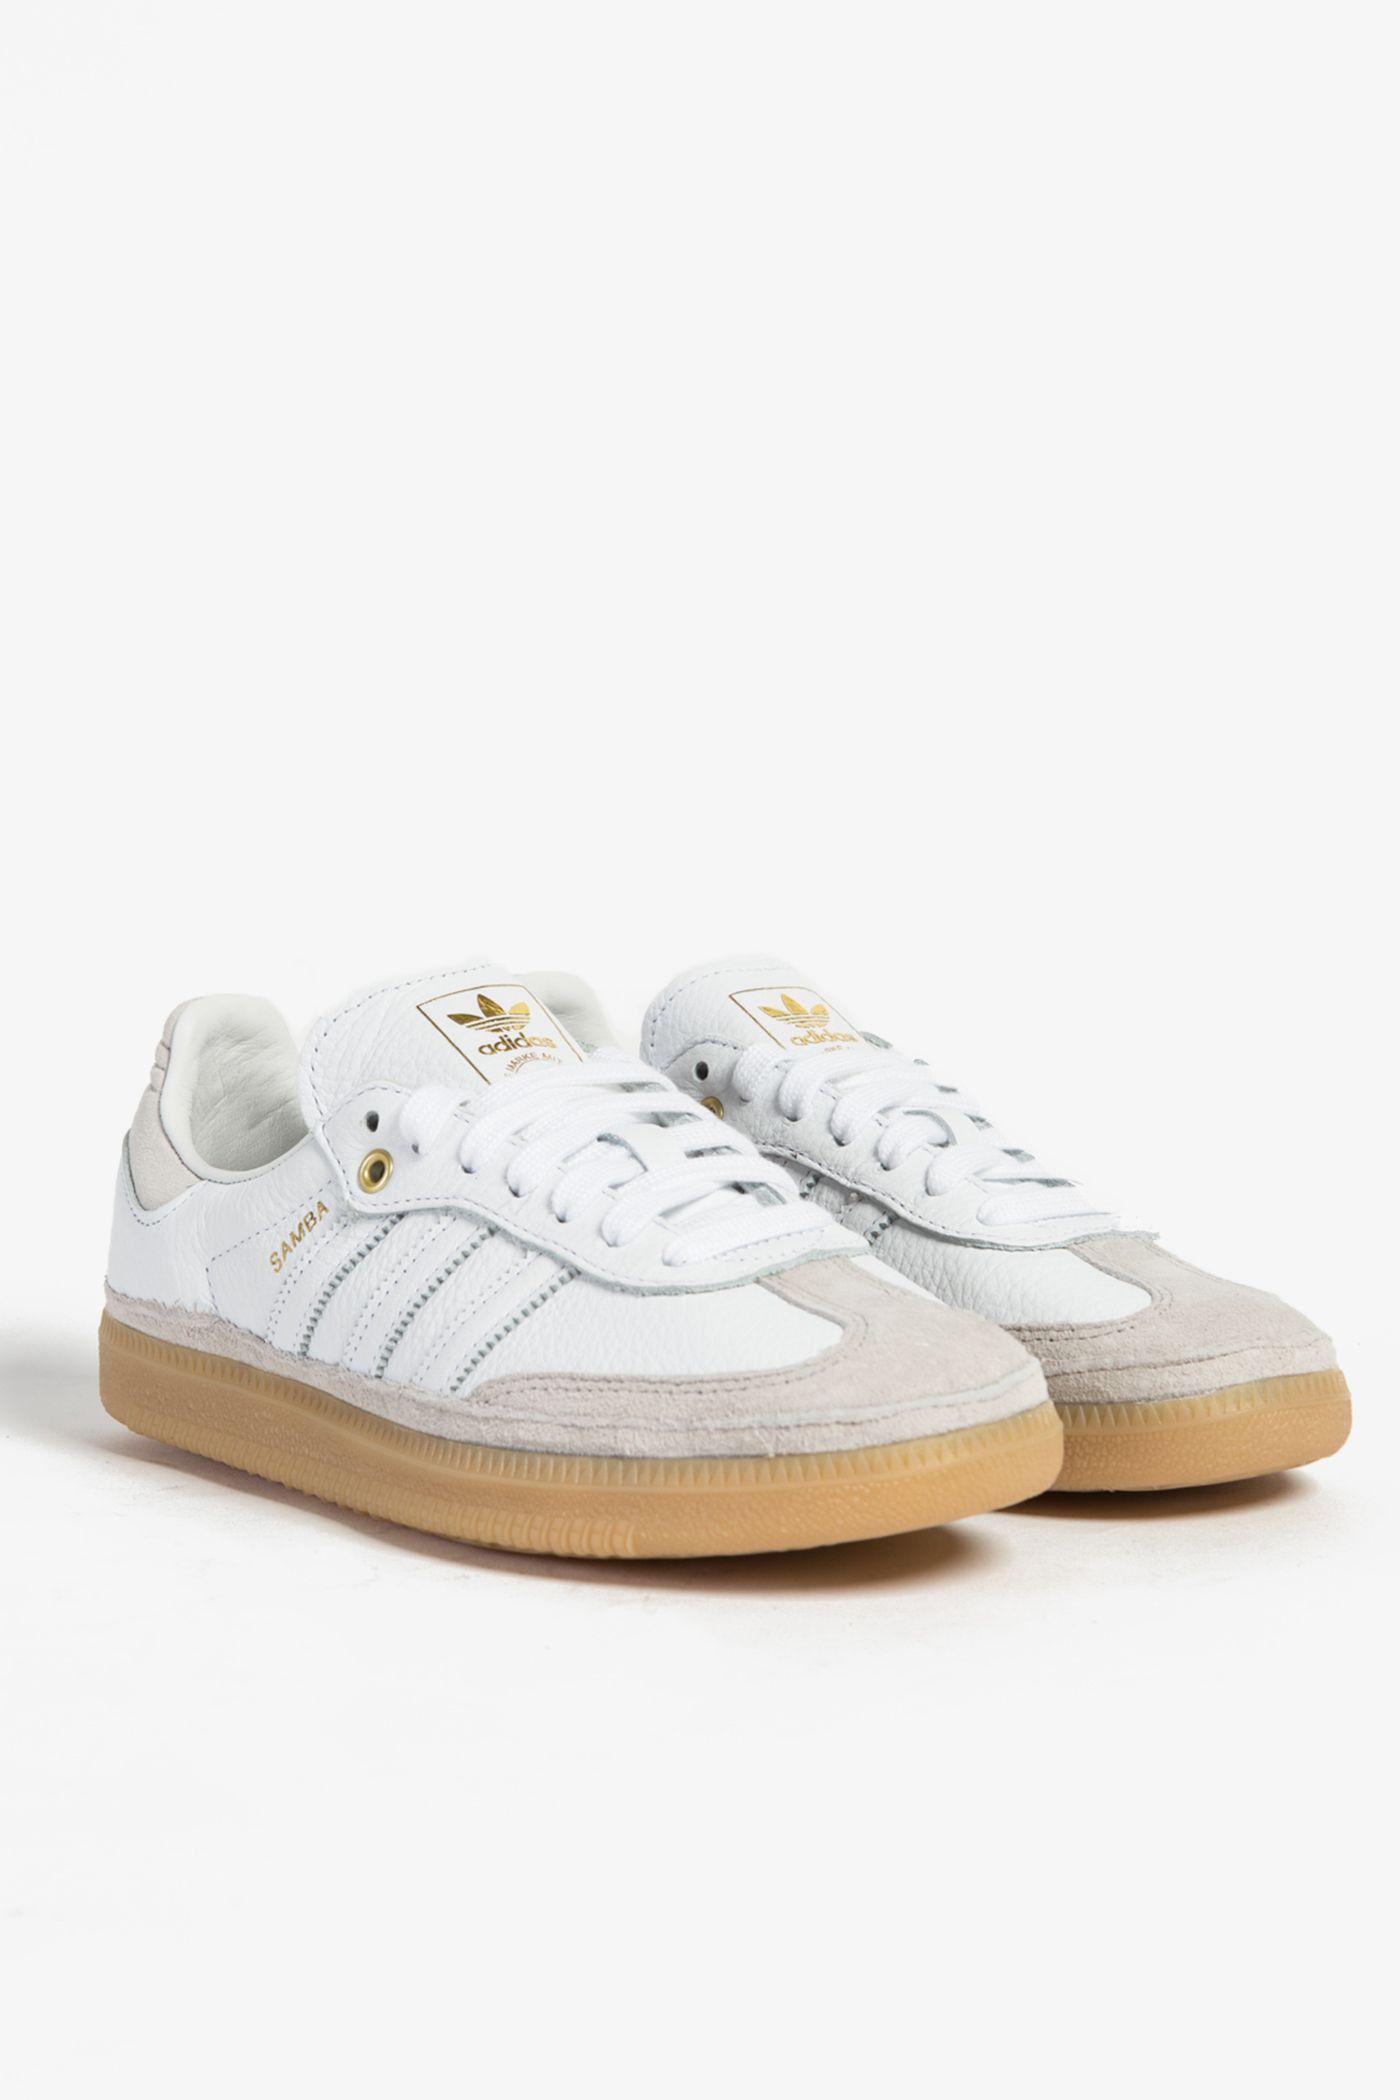 size 40 cb9b4 2e440 Samba OG W Relay CG6515 FTWR White   Adidas Originals   Shoes -